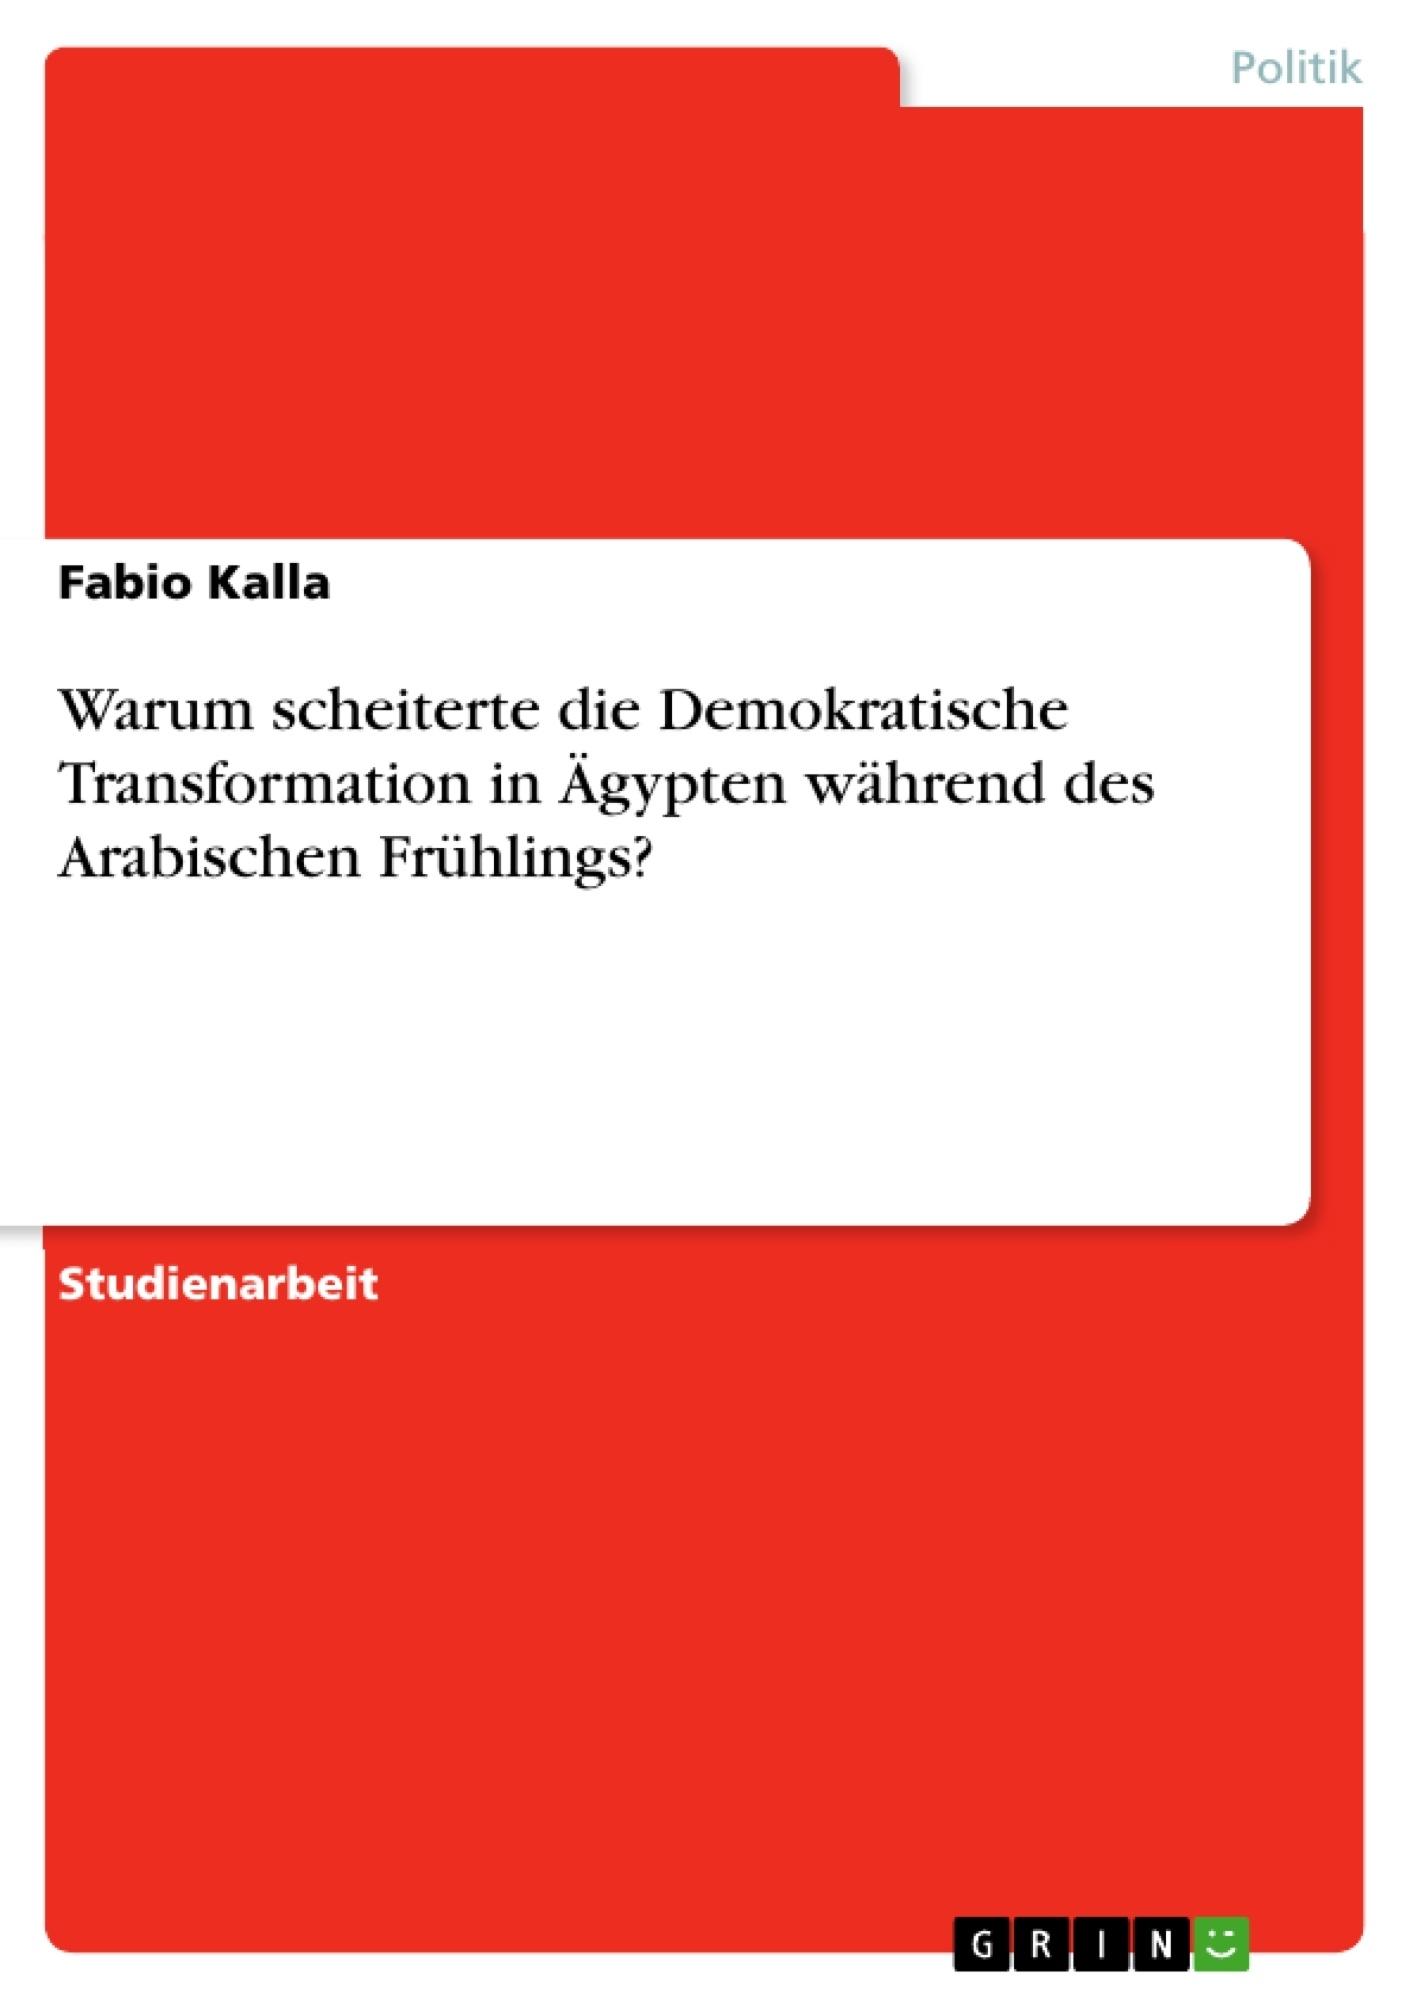 Titel: Warum scheiterte die Demokratische Transformation in Ägypten während des Arabischen Frühlings?